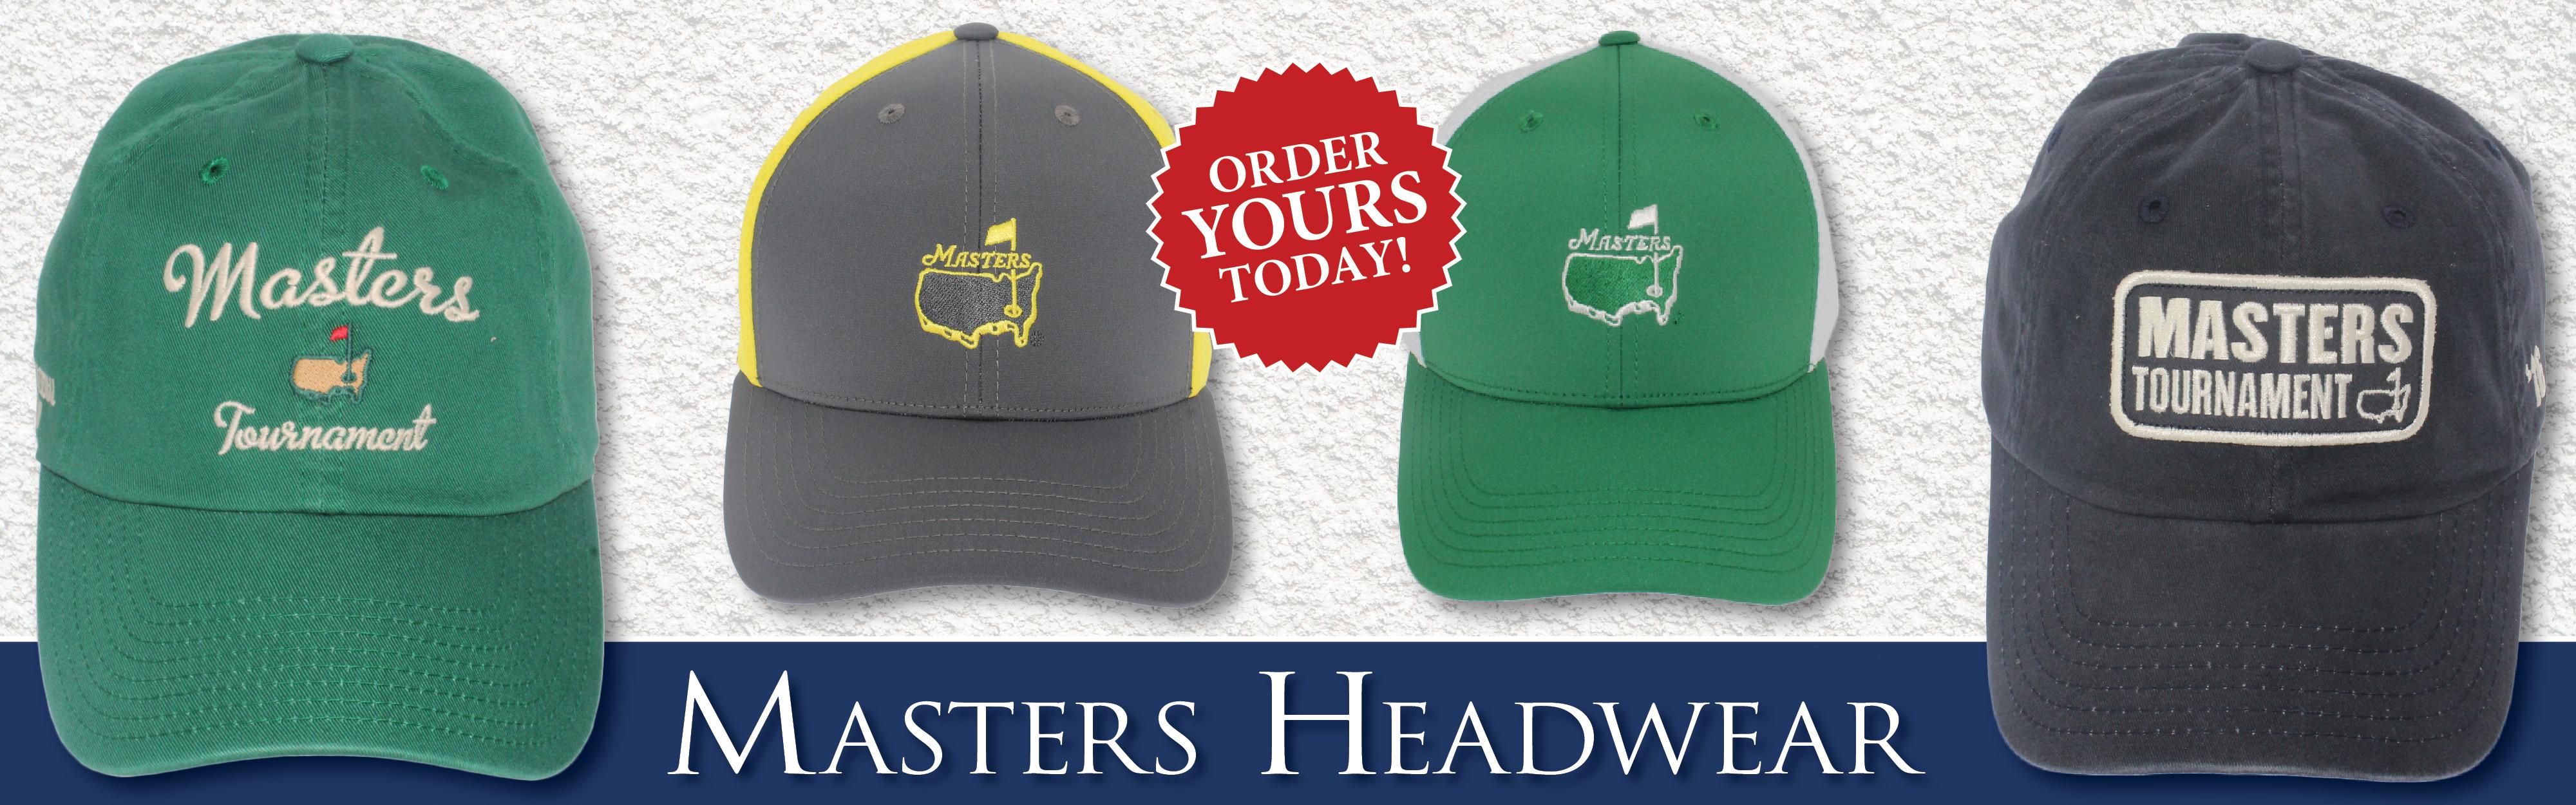 Buy Masters Headwear